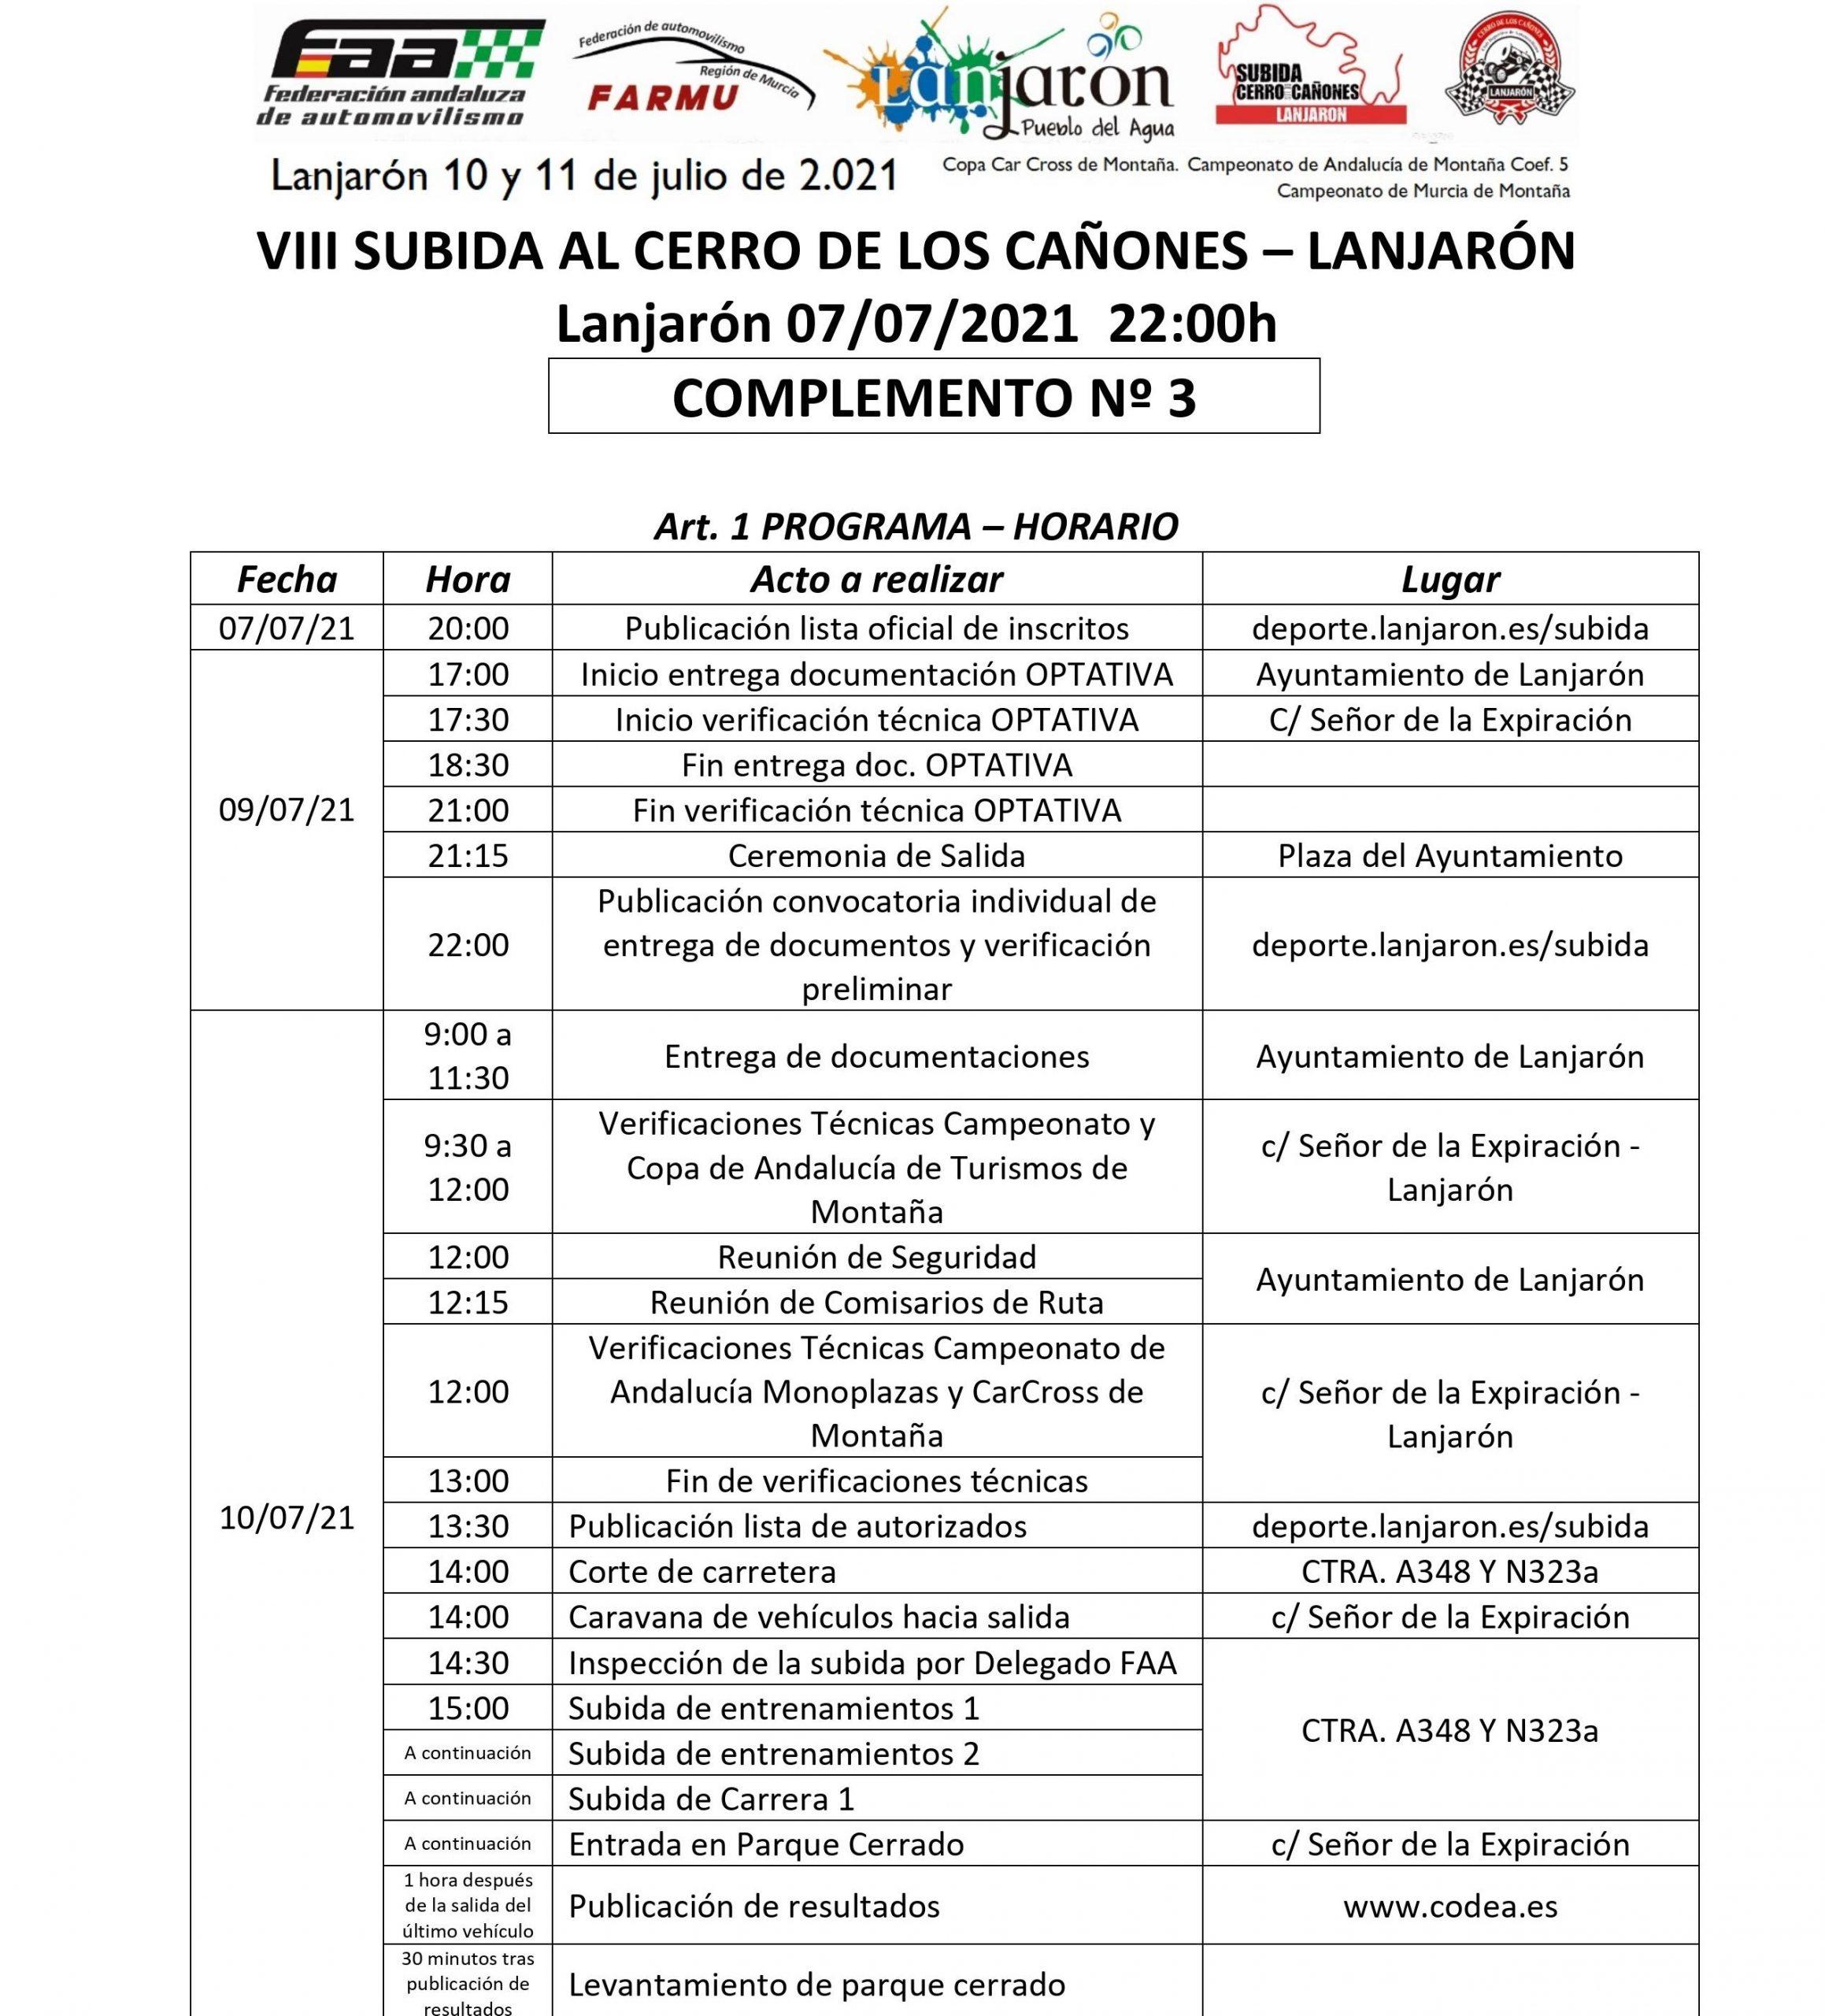 Horario A VIII Subida al Cerro de los Cañones - Lanjaron